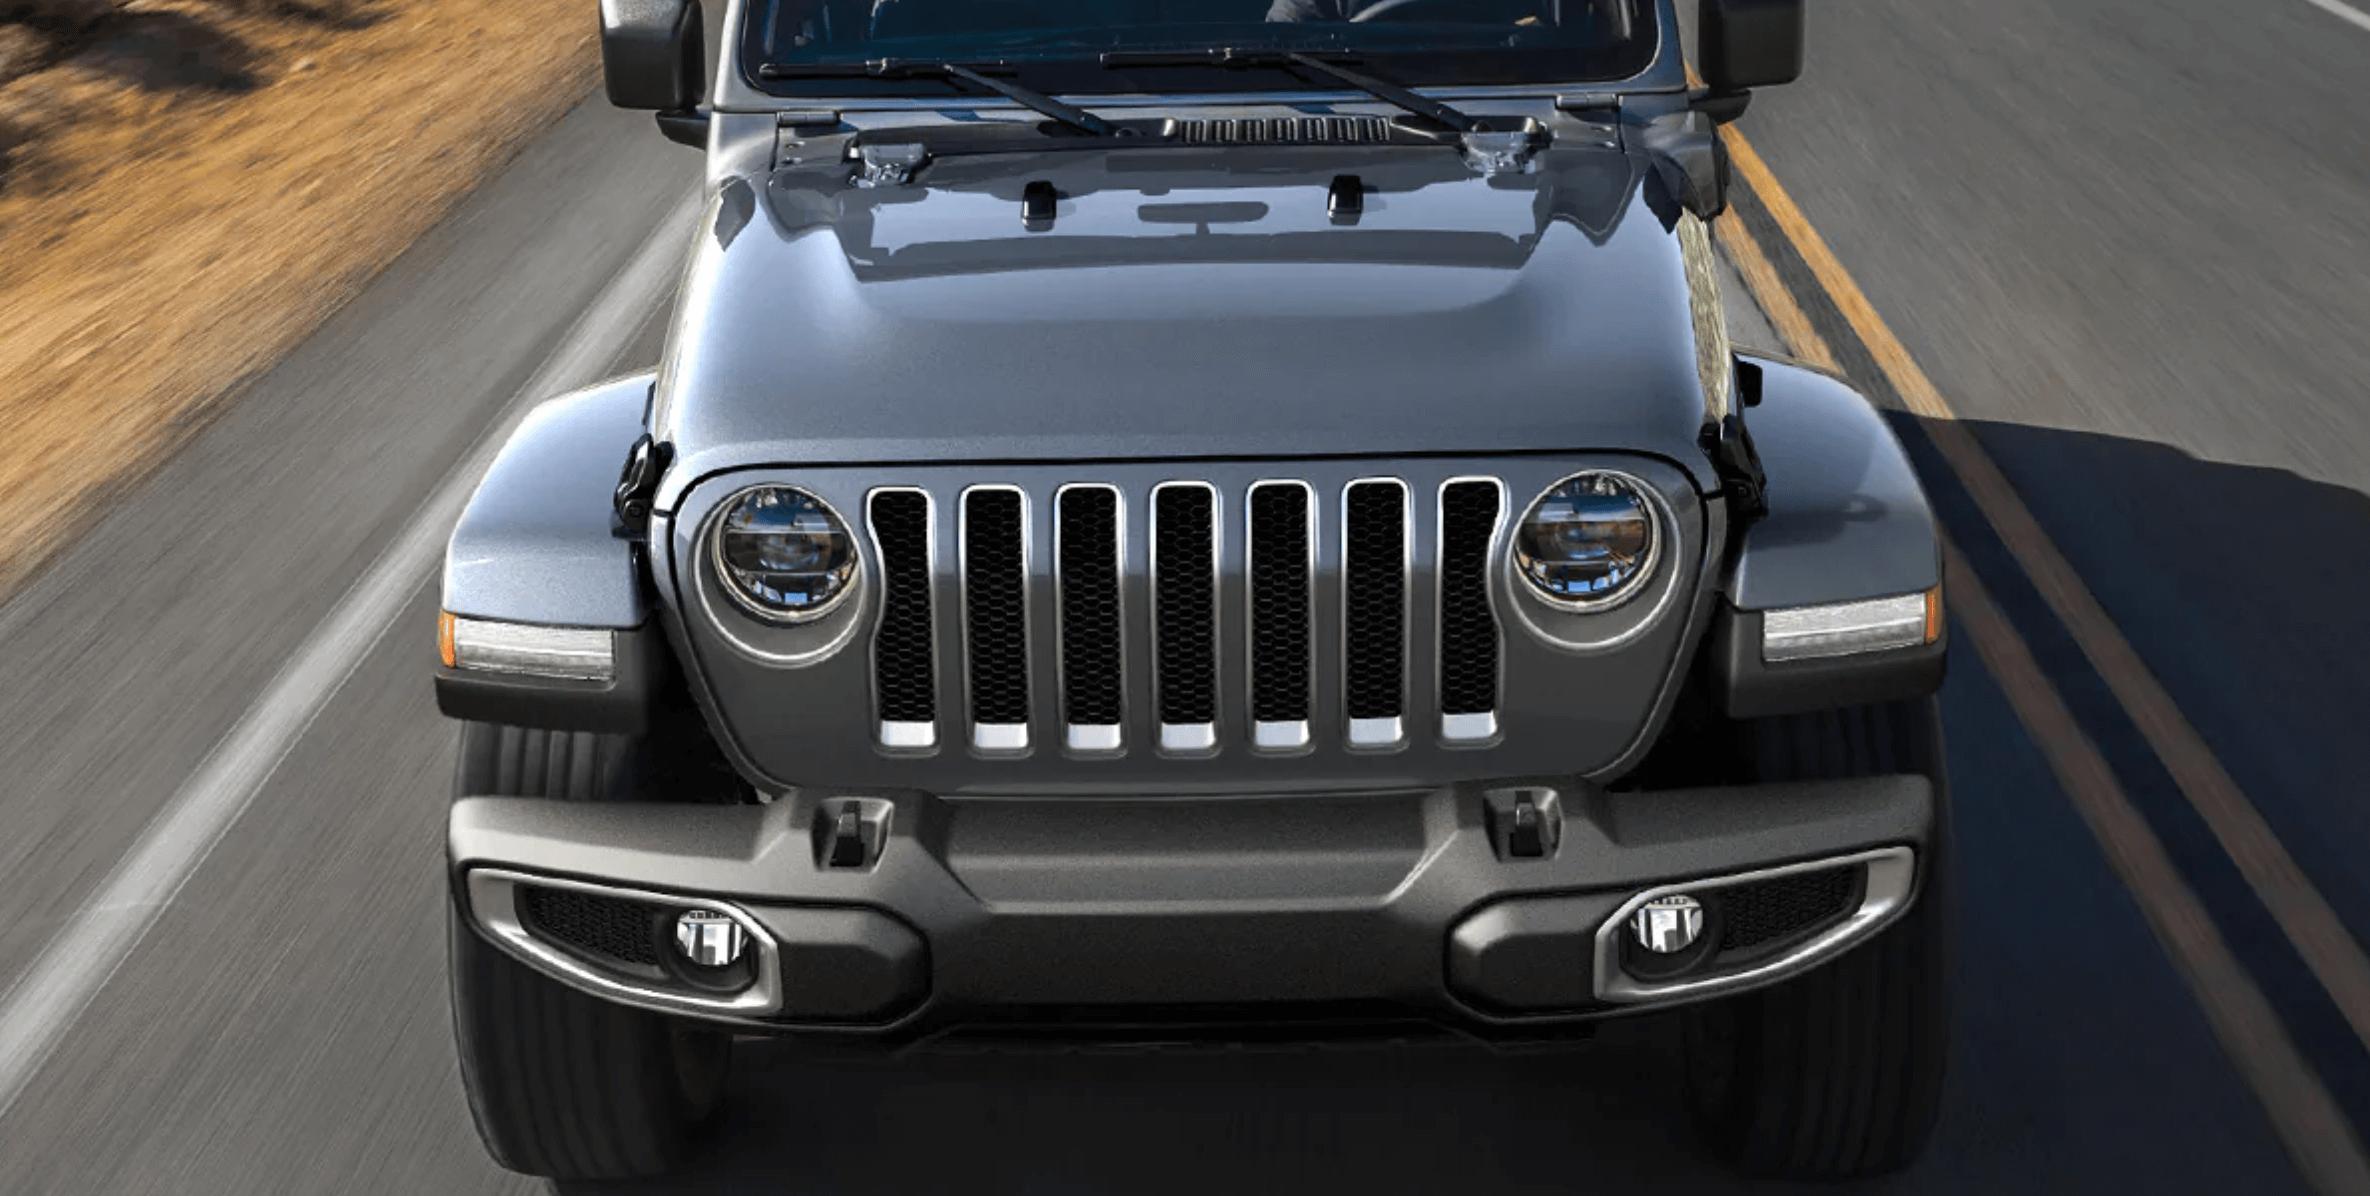 2021 Jeep Wrangler 4xe exterior